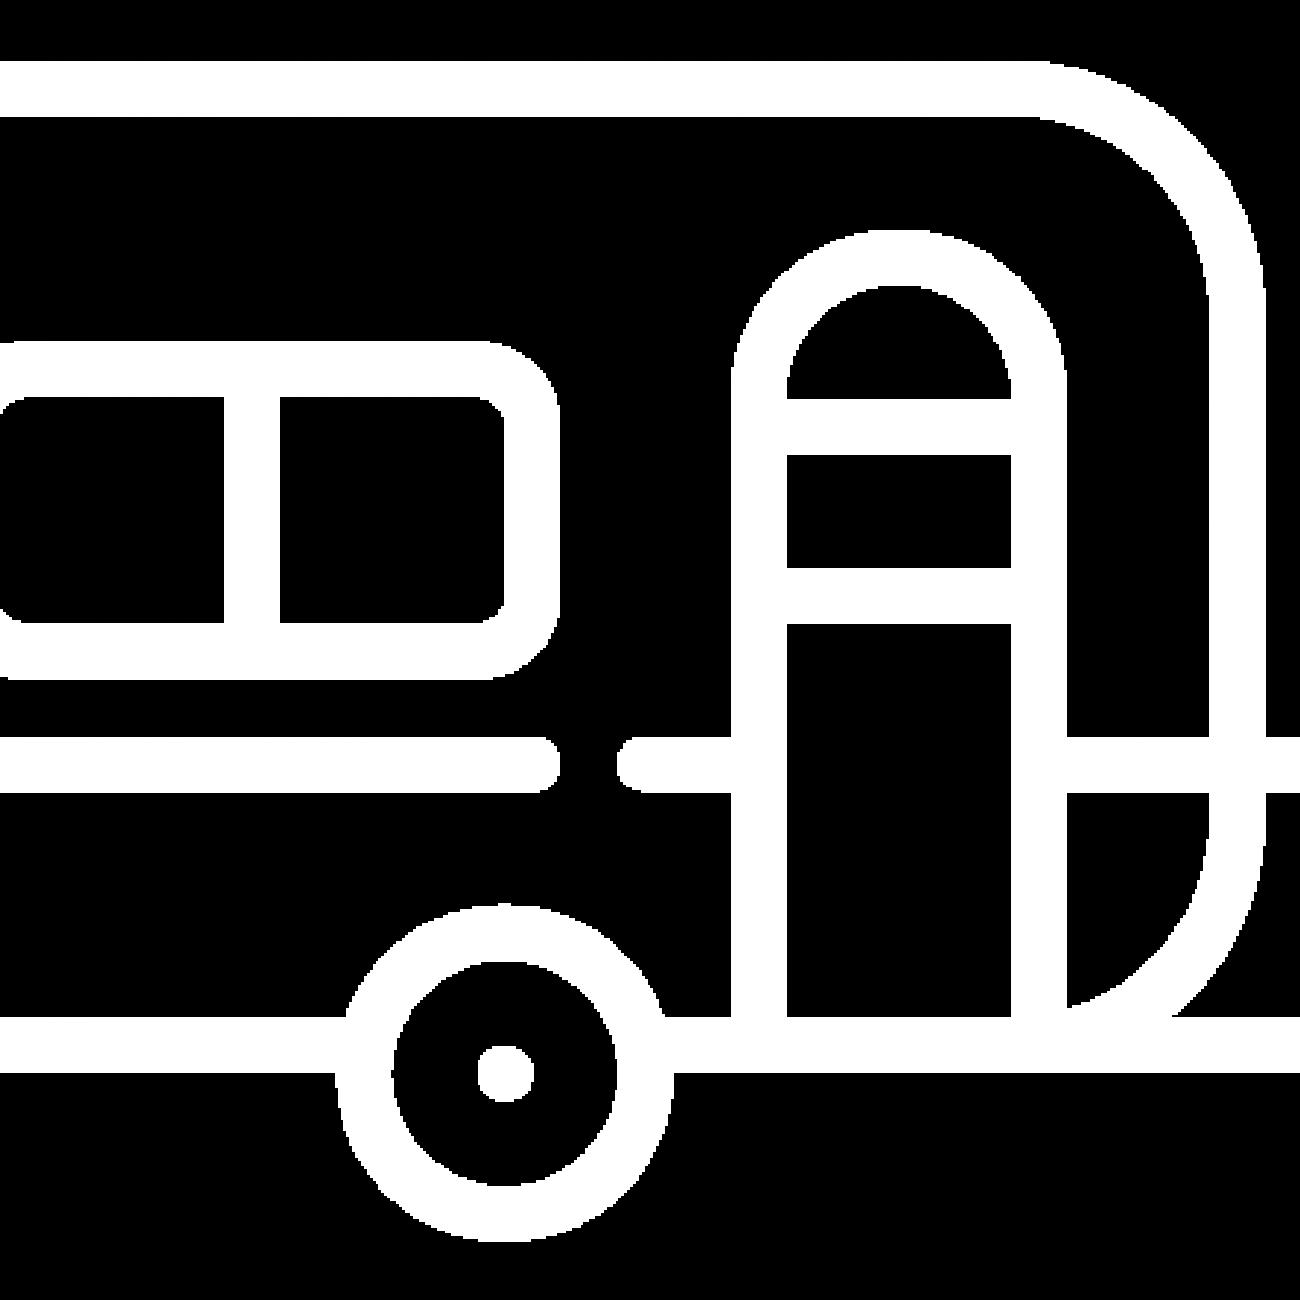 TRAILER-F